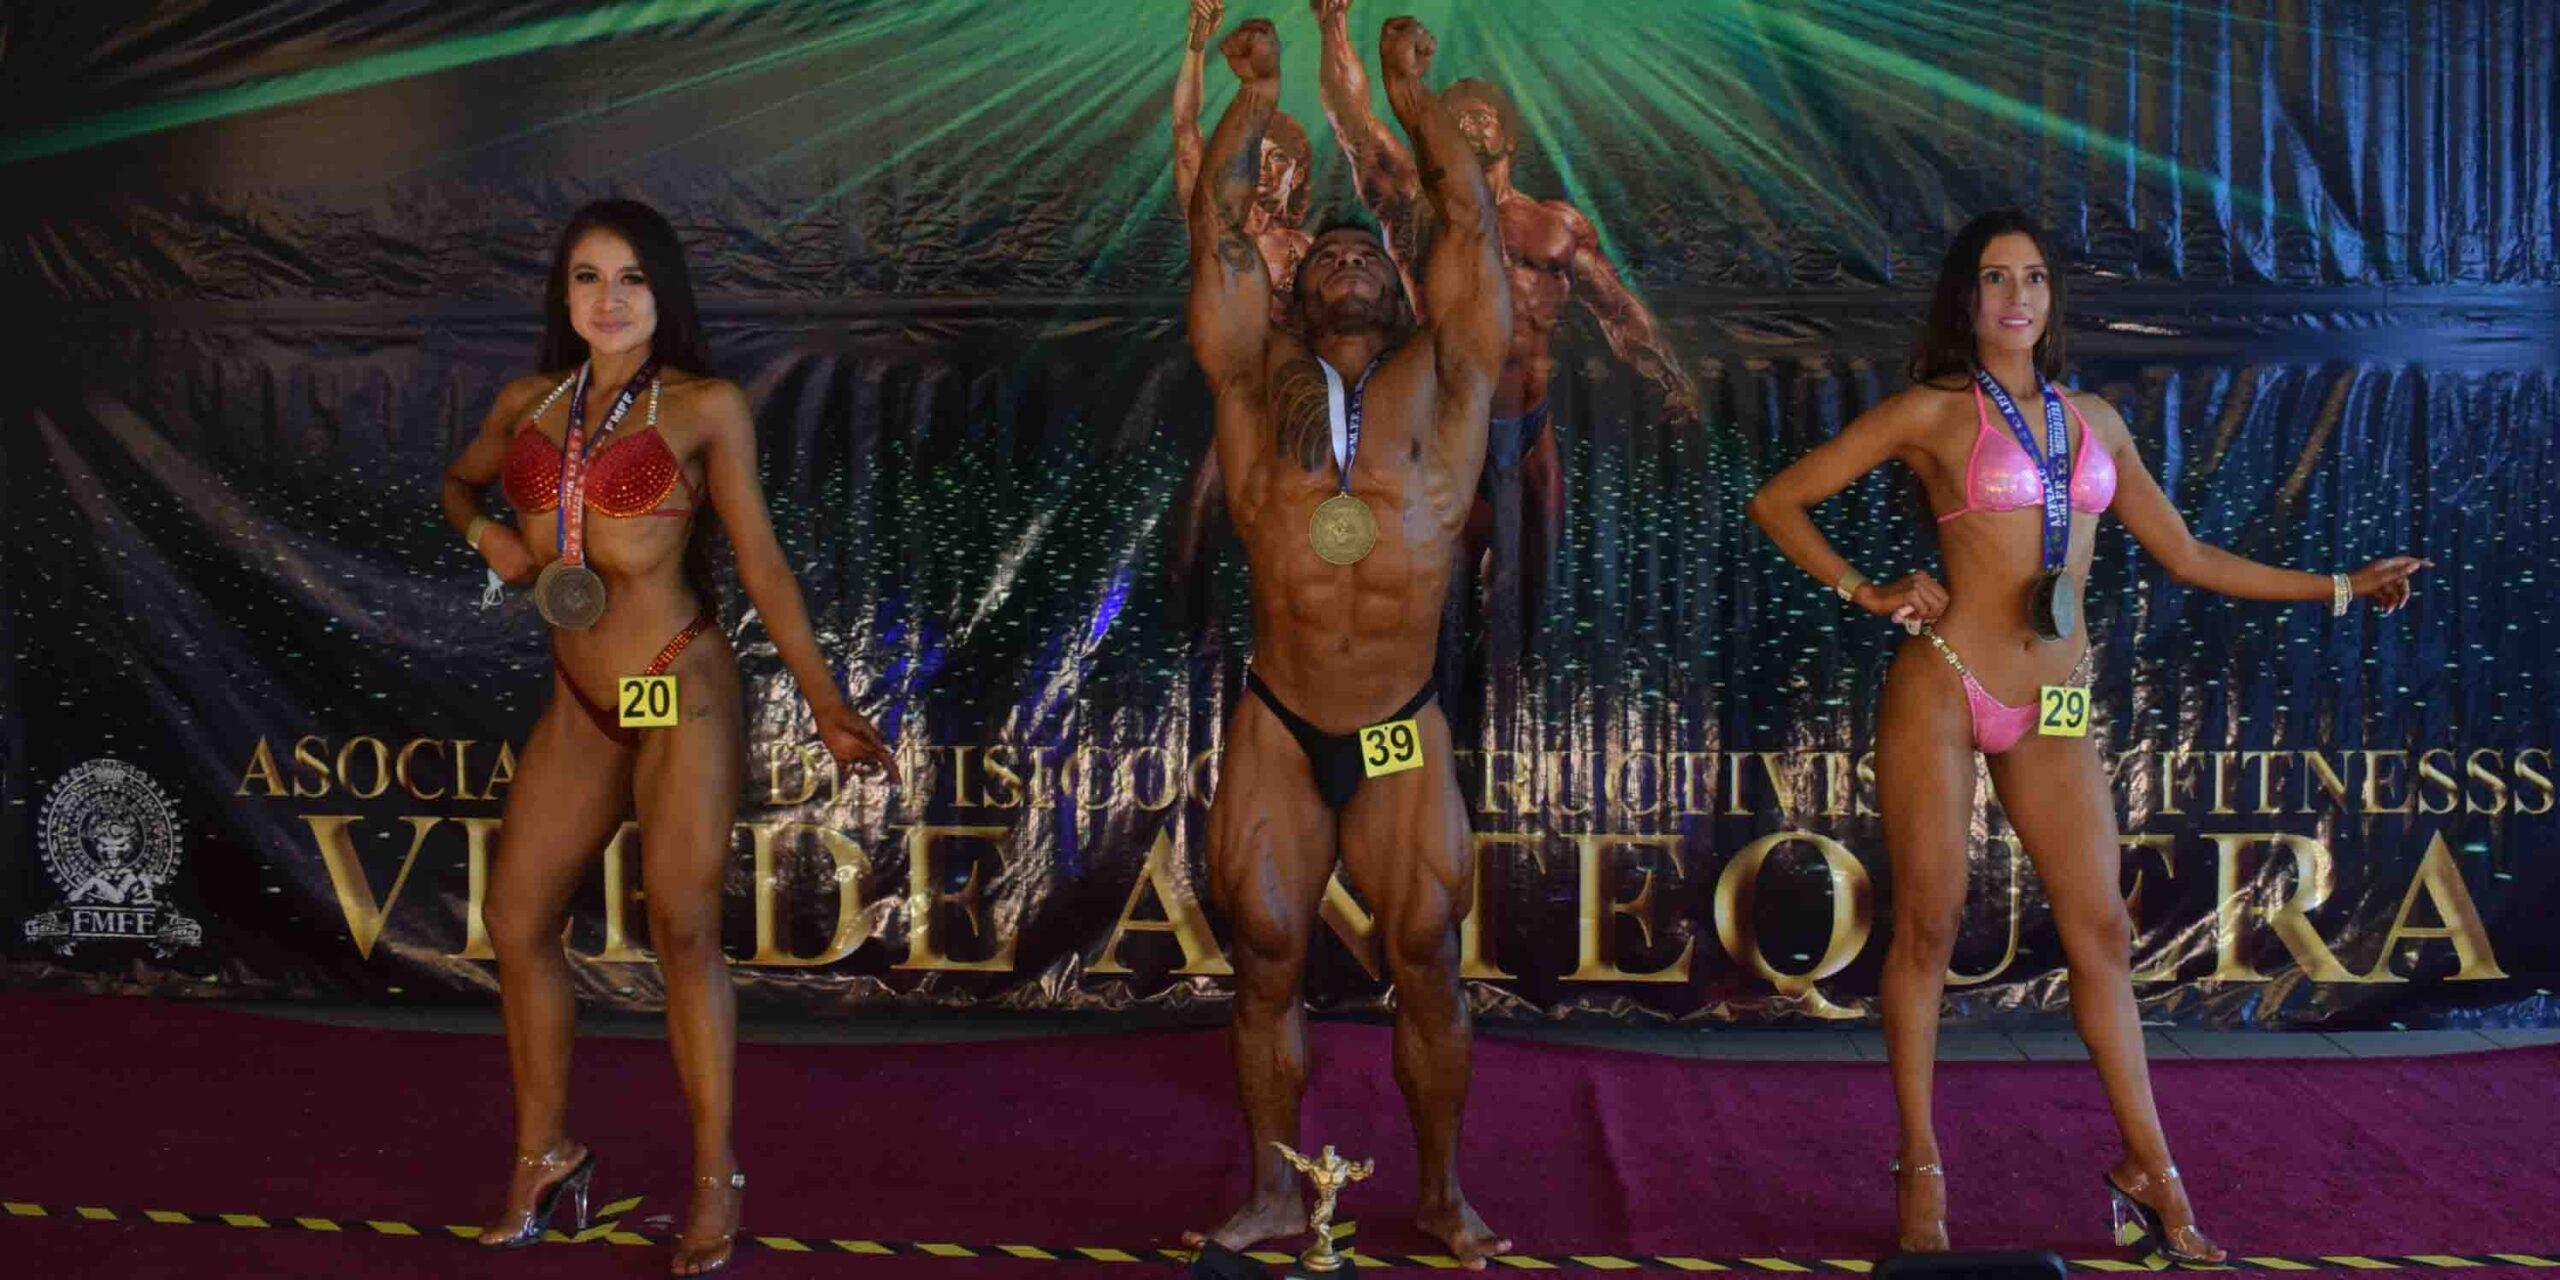 Manolo Montesinos, campeón absoluto | El Imparcial de Oaxaca